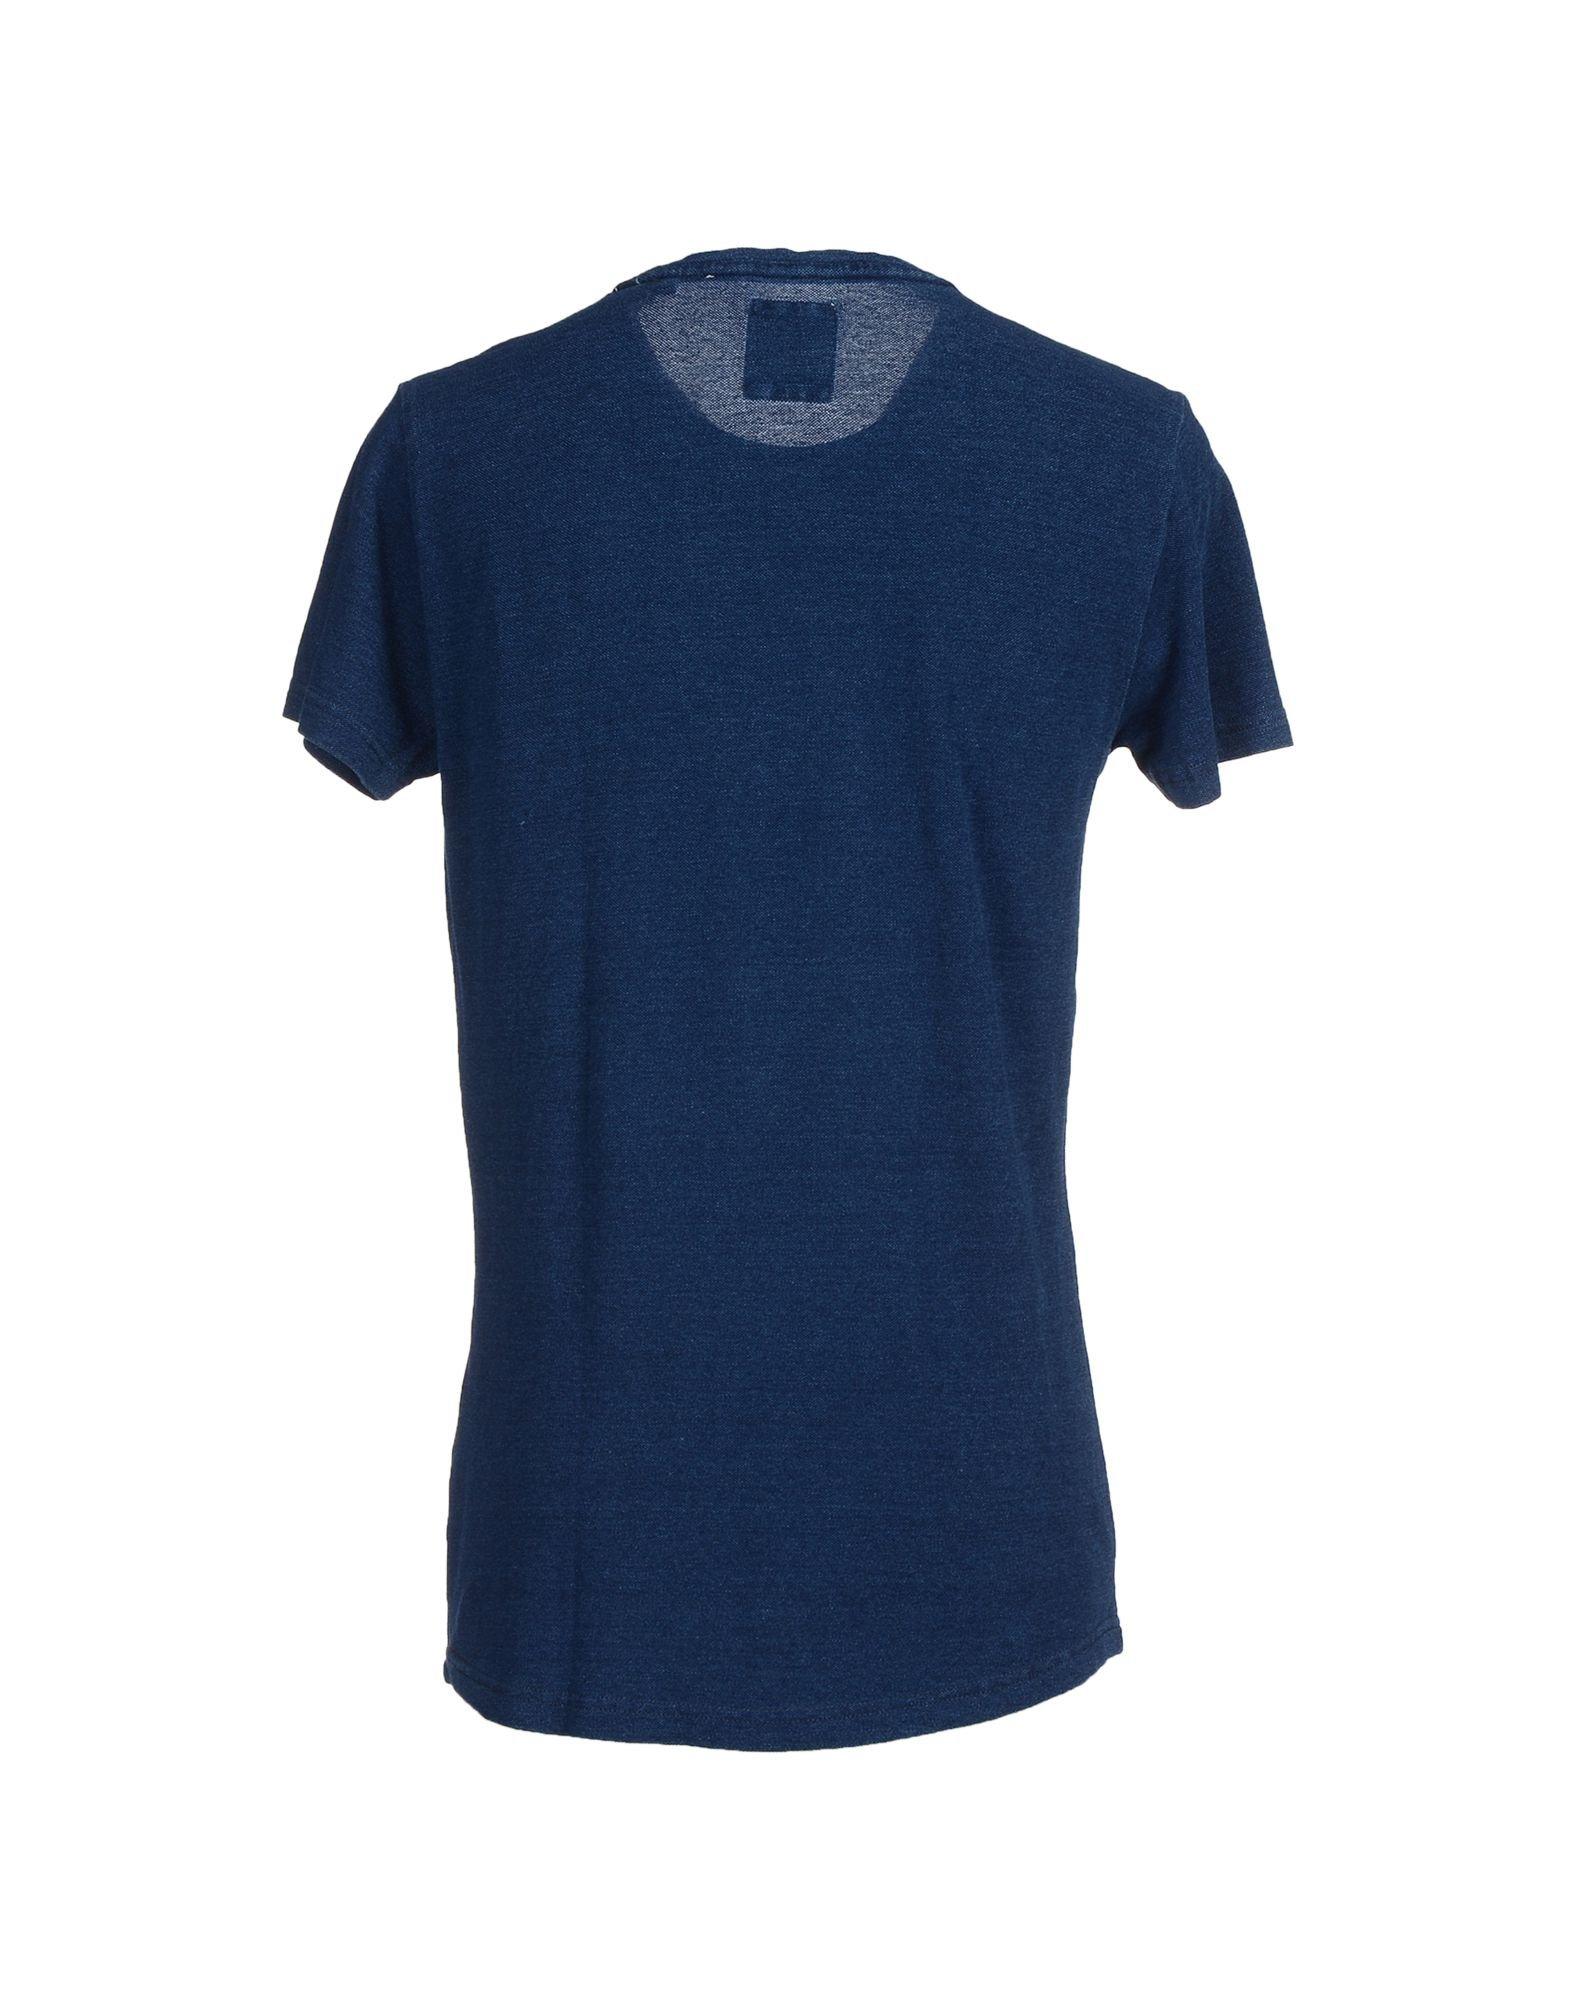 Anerkjendt t shirt in blue for men dark blue lyst for T shirt dark blue